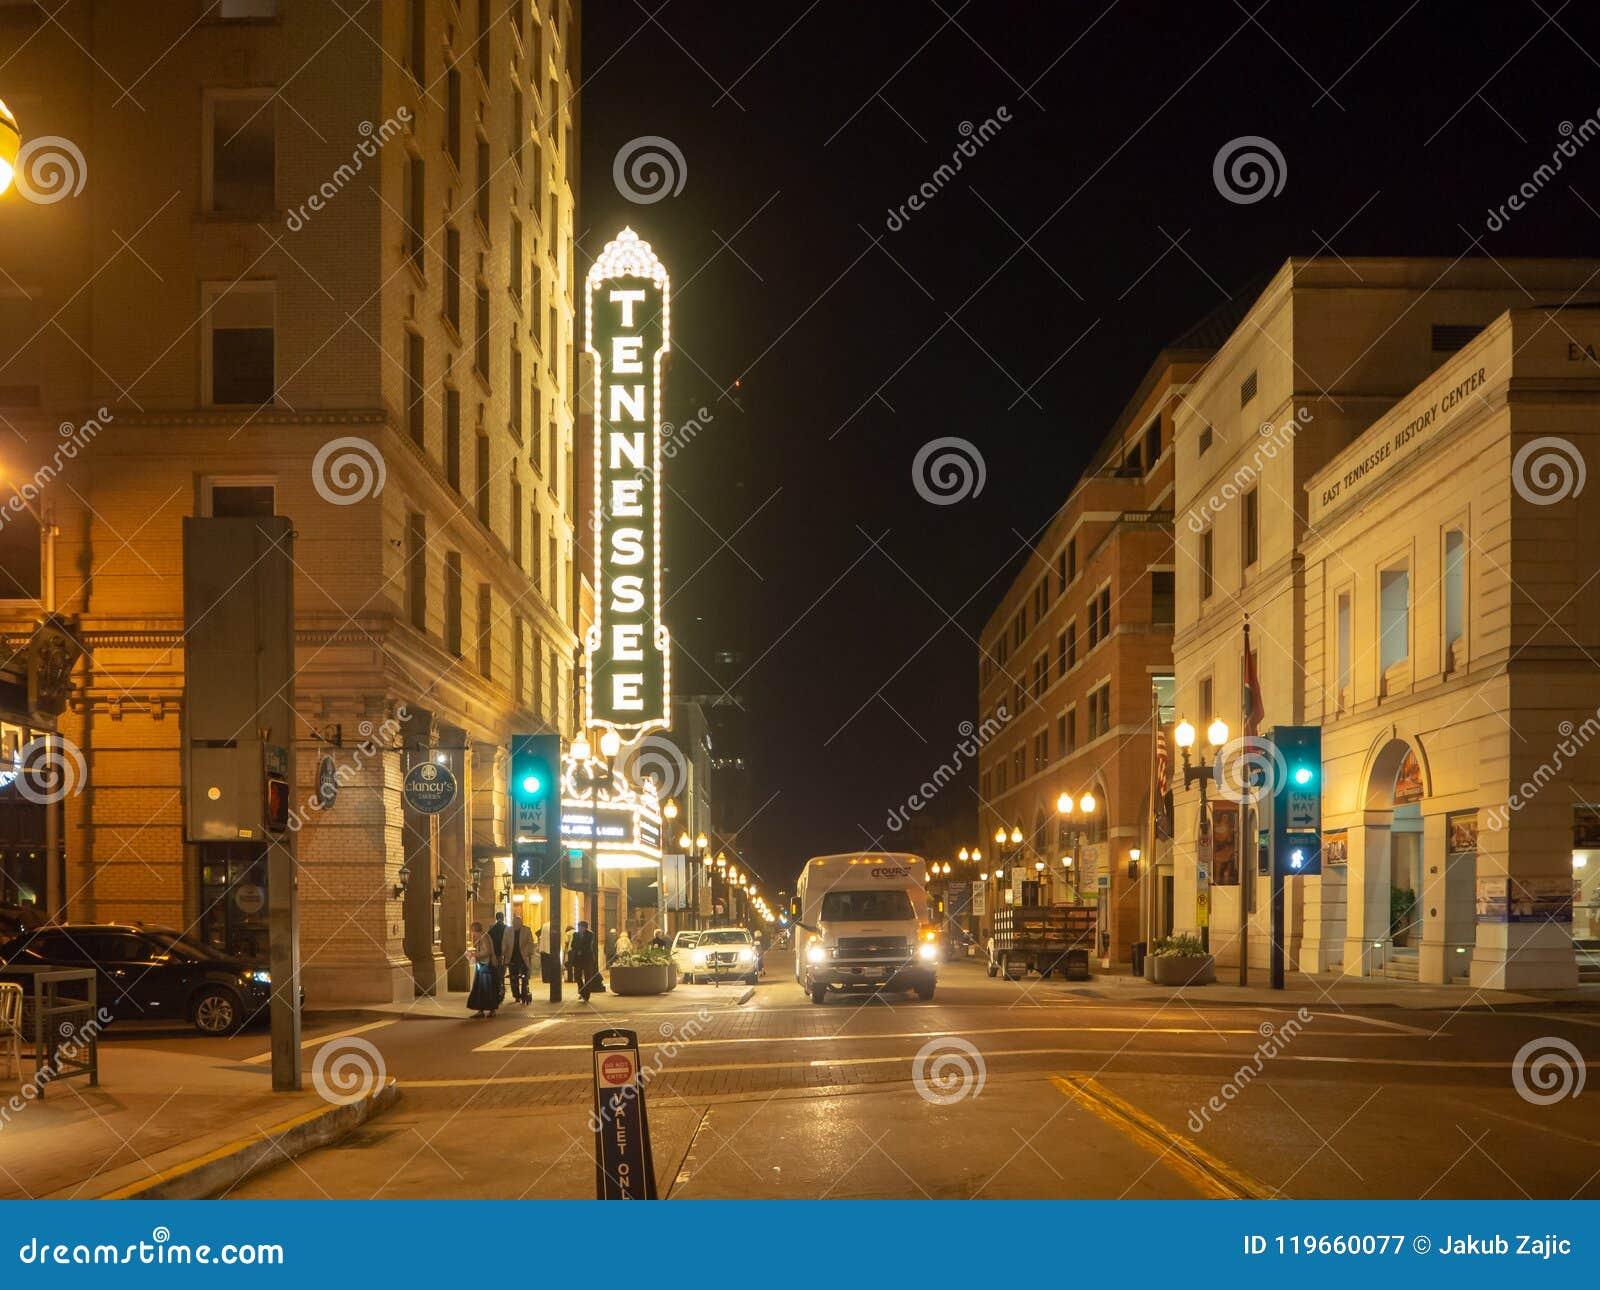 Улица гомосексуалиста, Ноксвилл, Теннесси, Соединенные Штаты Америки: [Ночная жизнь в центре Ноксвилла]